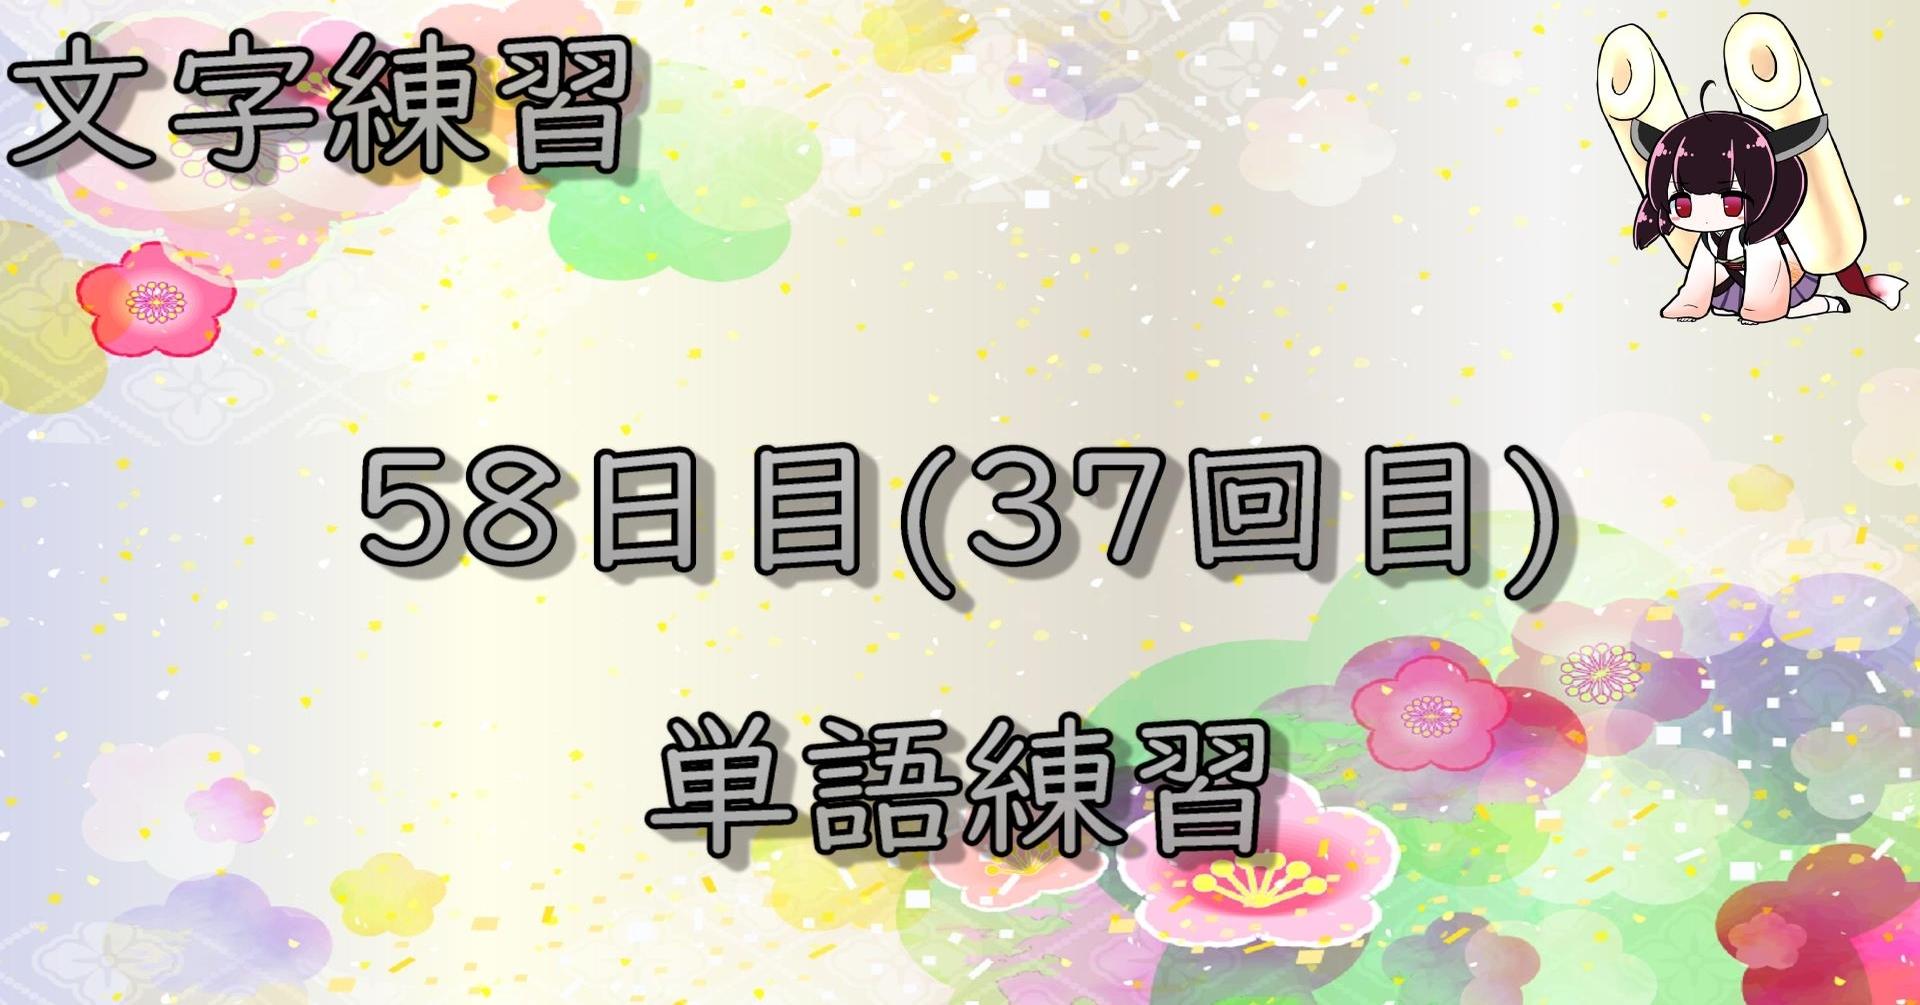 文字練習58日目(37回目)